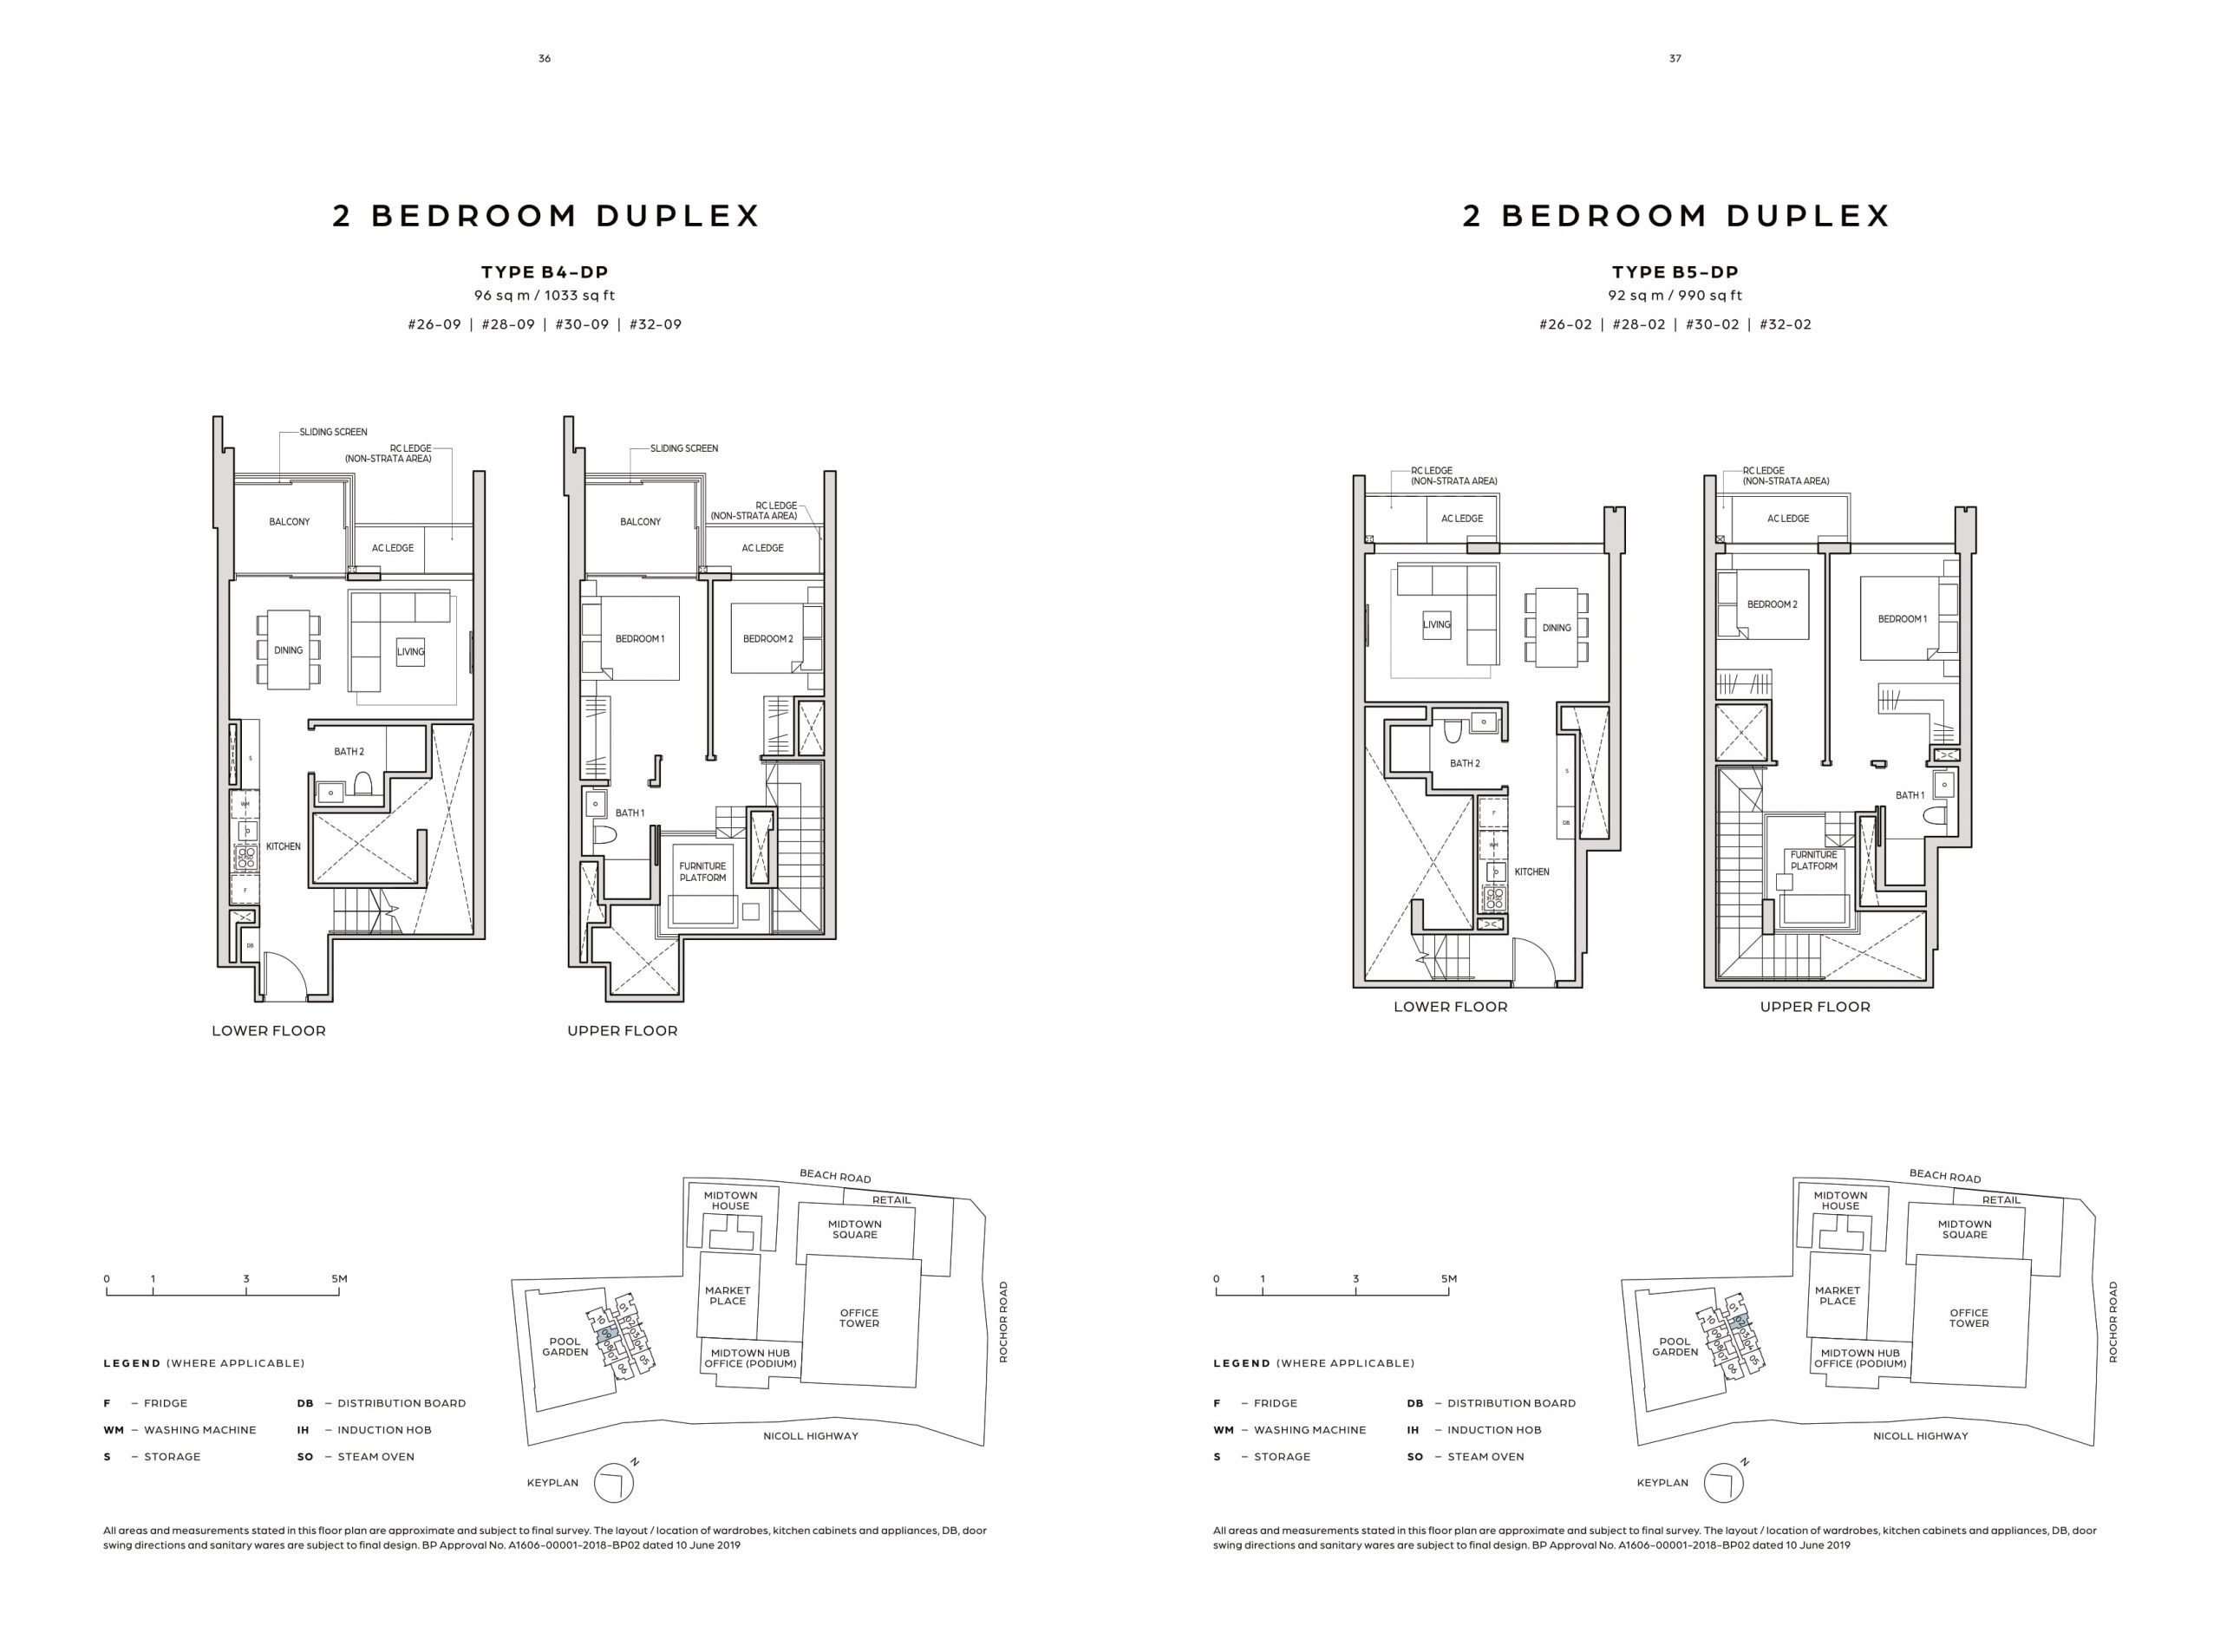 Midtown Bay's two-bedroom duplex types